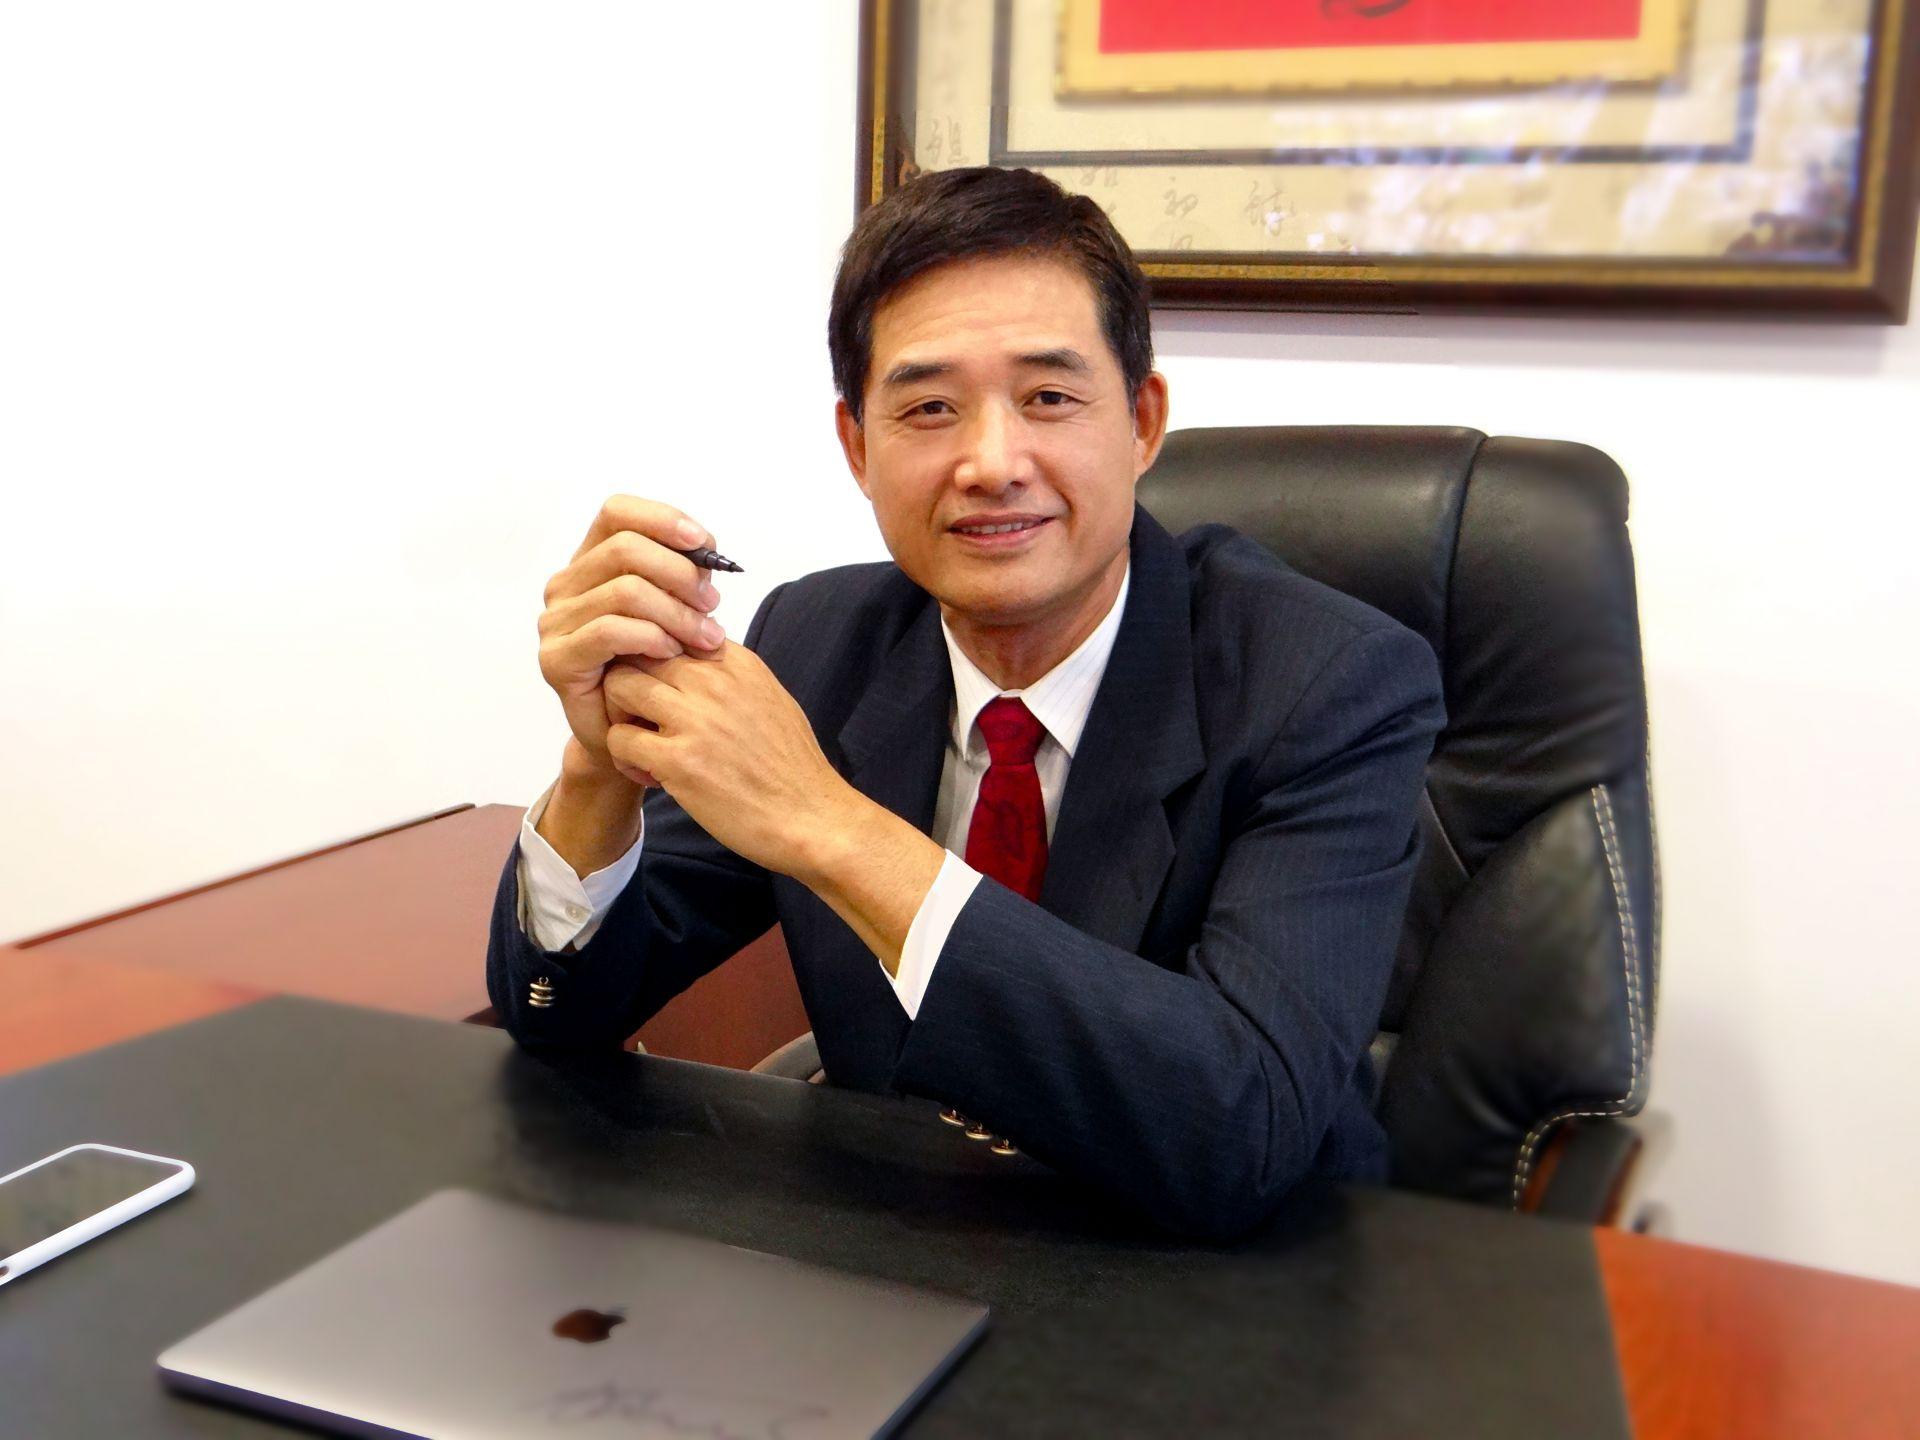 профил на компанията - Брайън Ченг, главен изпълнителен директор на Yung Soon Lih.